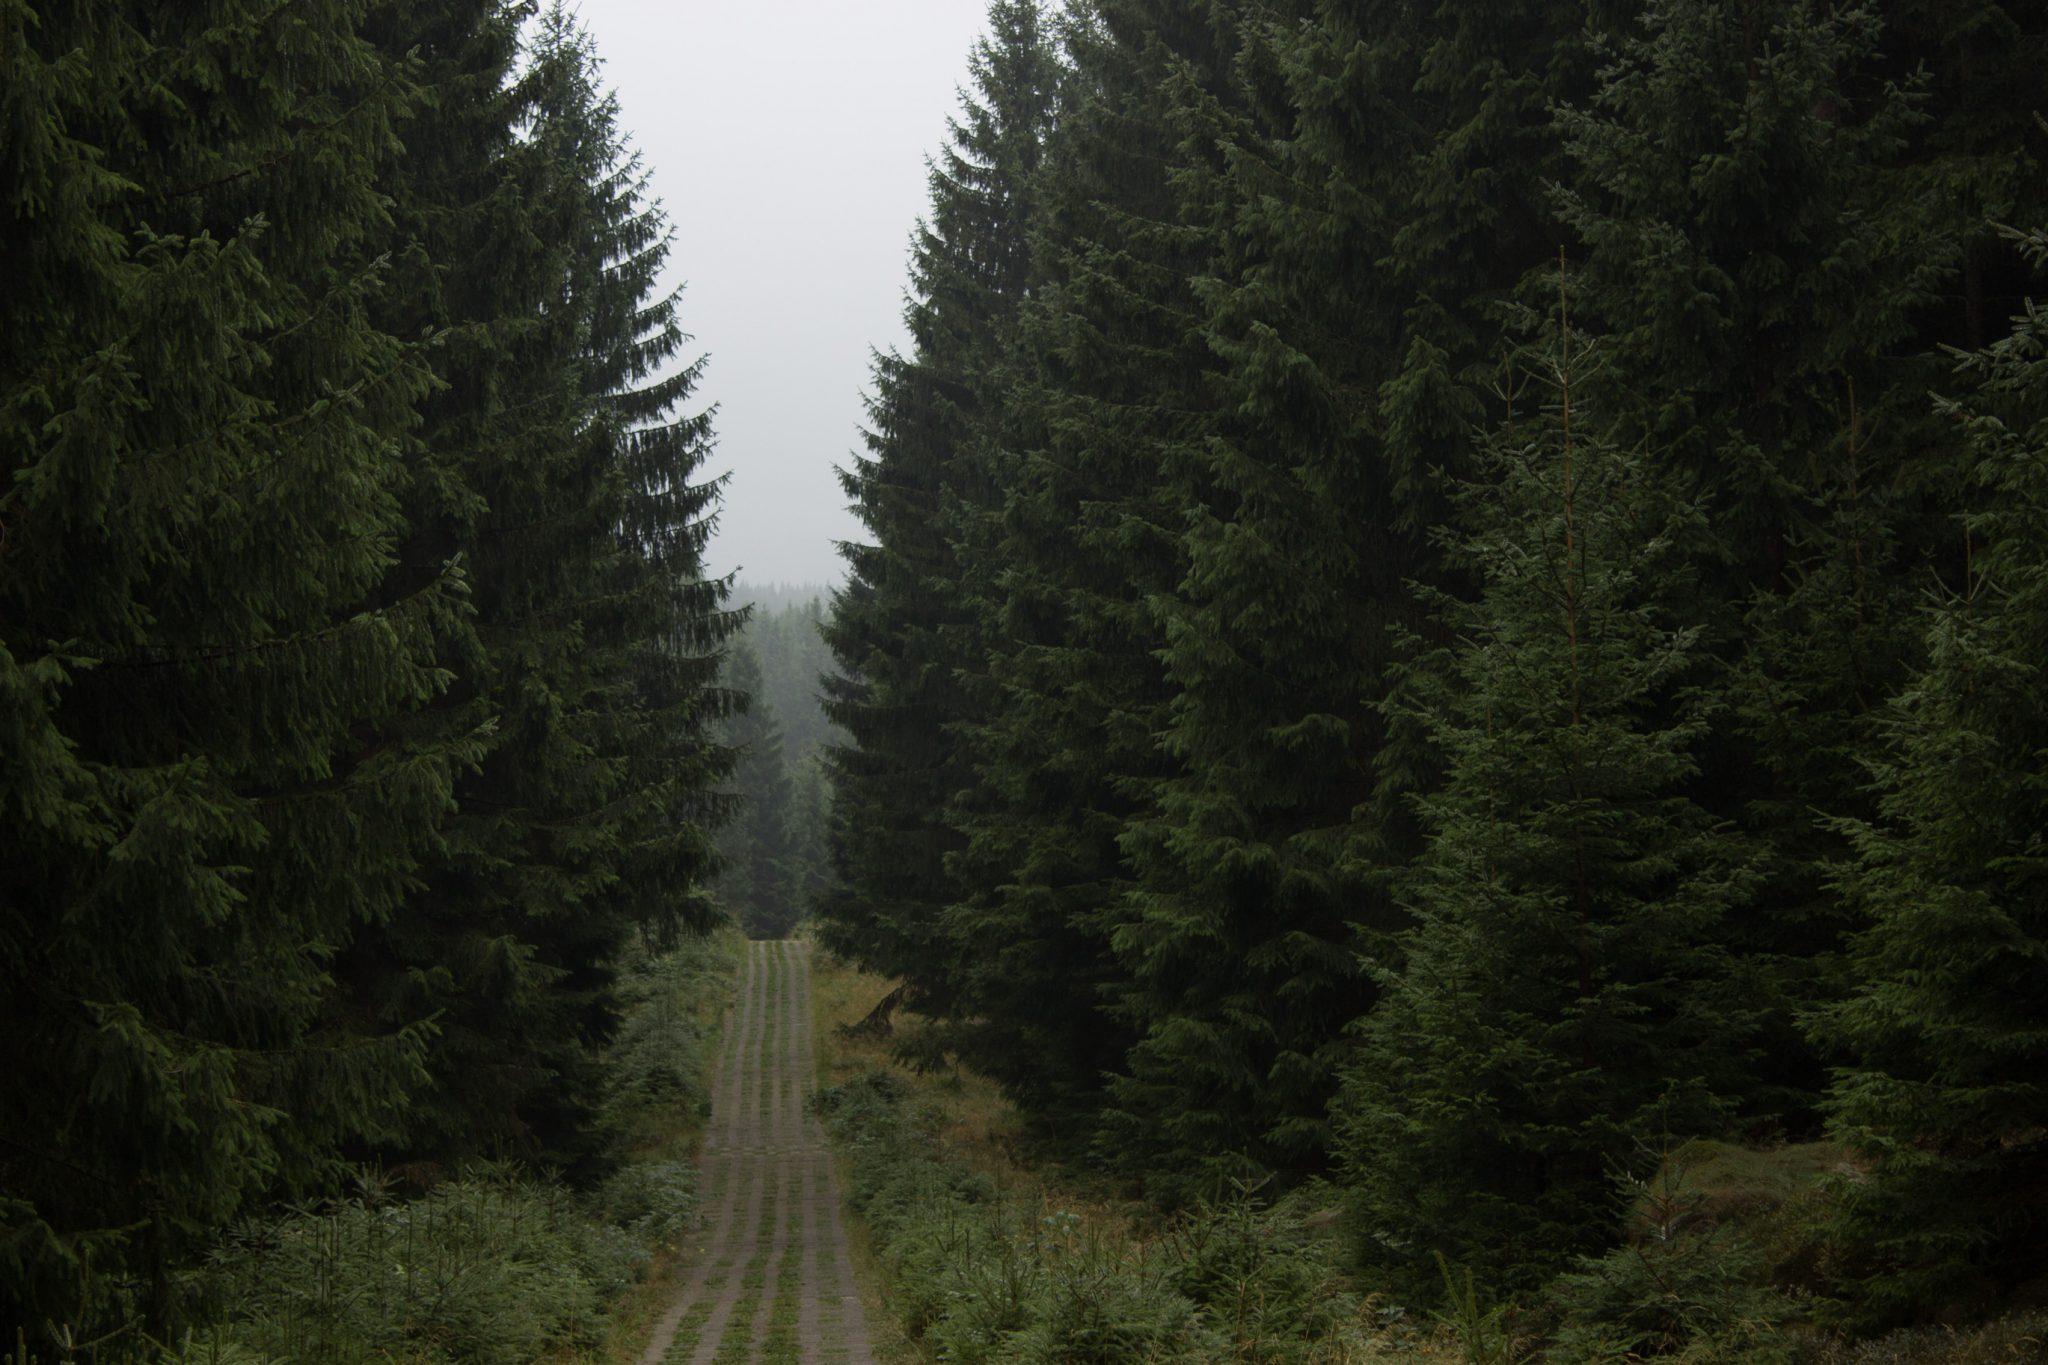 Wanderung Brocken über Heinrich-Heine-Weg Start in Ilsenburg, Nationalpark Harz, triste Stimmung, Weg zum Brocken über alte Militärstraße, ringsum Wald mit hohen Bäumen, regnerisch, schöne einsame Atmosphäre